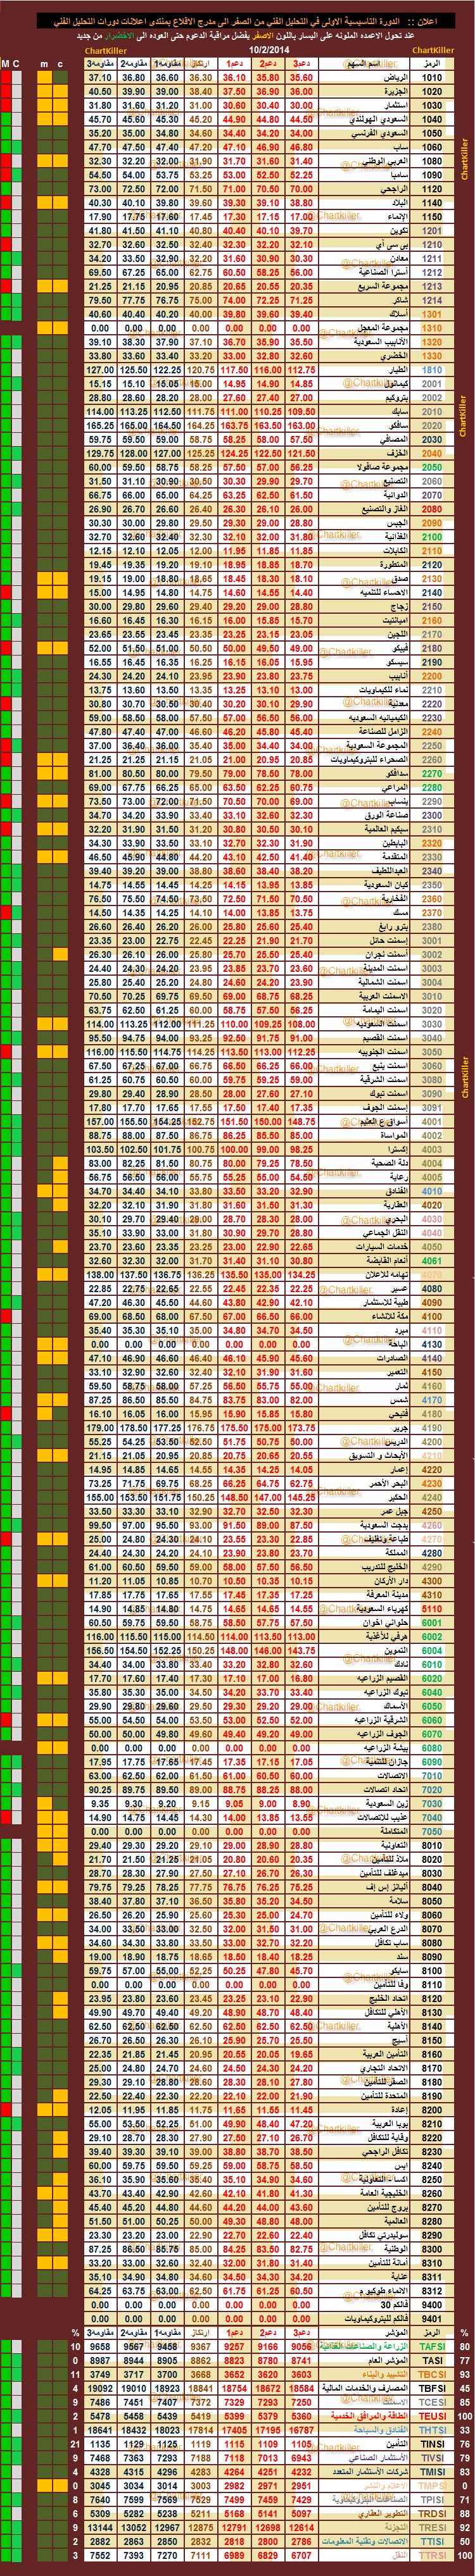 الدعم المقاومه ليوم  الاثنين   10-2-2014  ::   السوق  السعودي  804990683